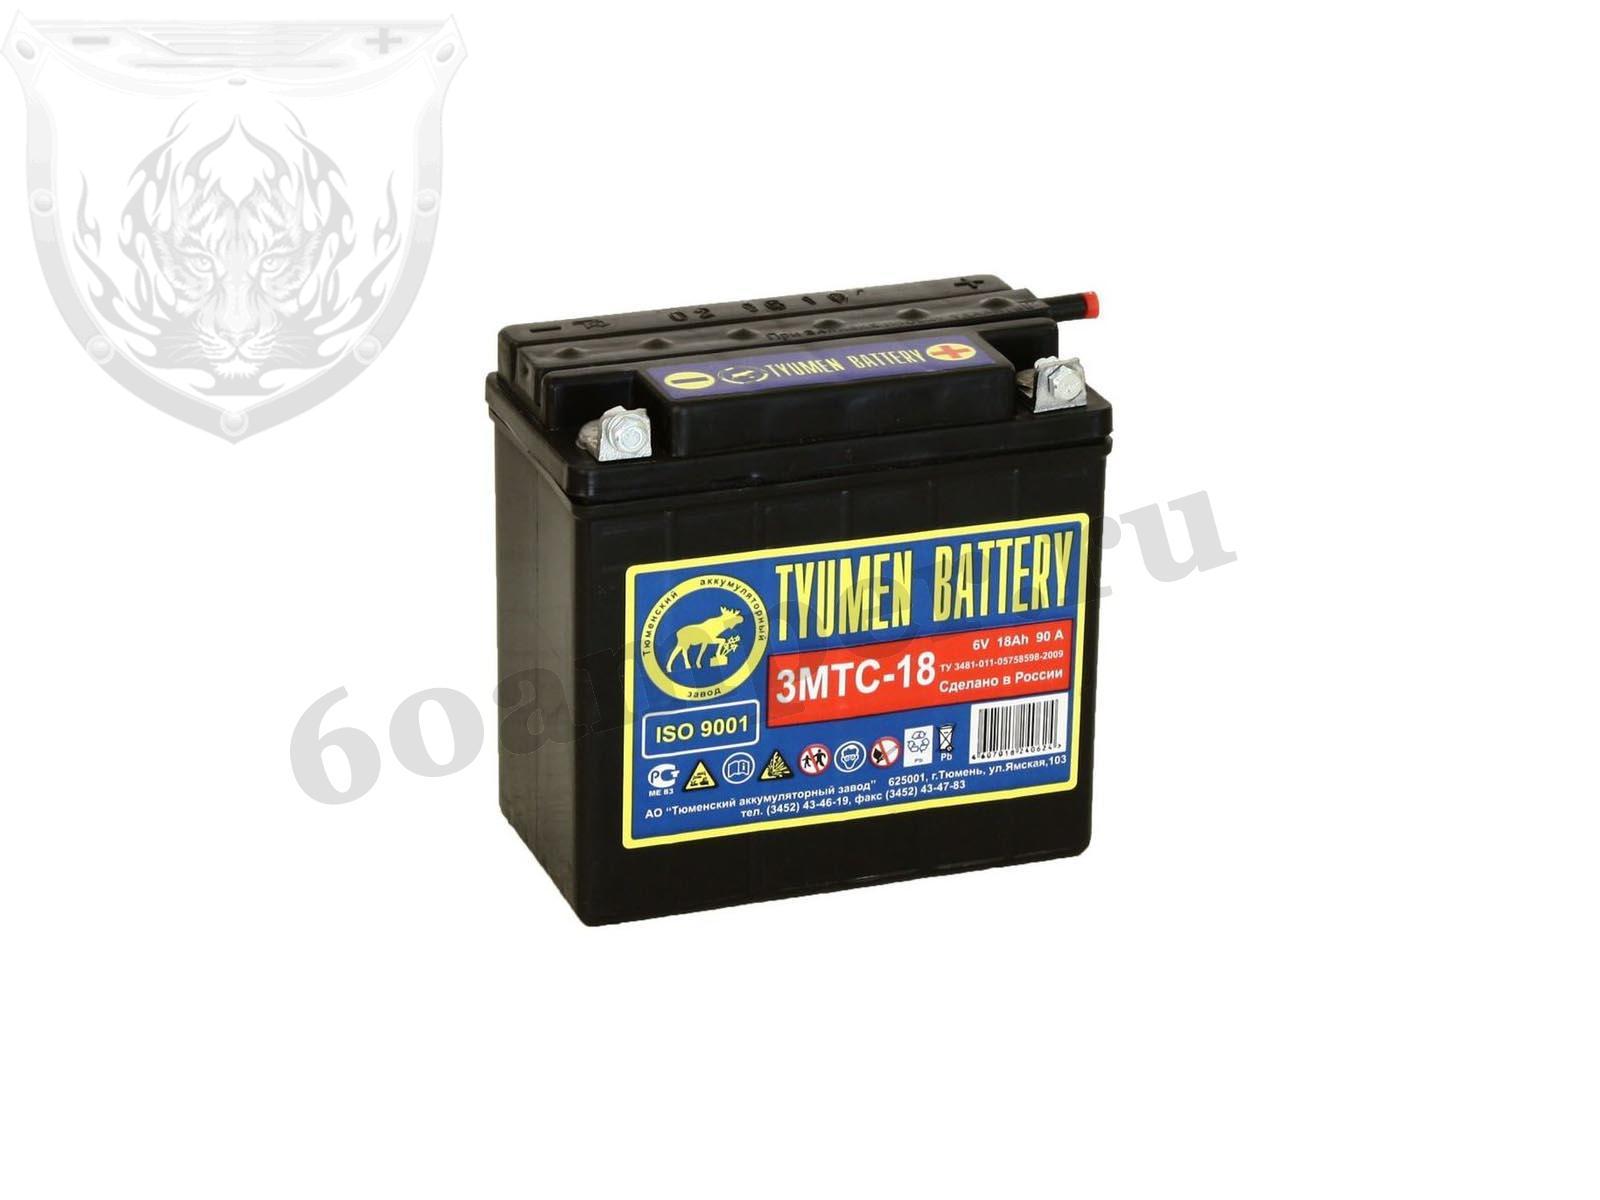 Тюмень 3МТС-18 А/ч 6 Вольт Обратный ЛИДЕР сухозаряженный без электролита